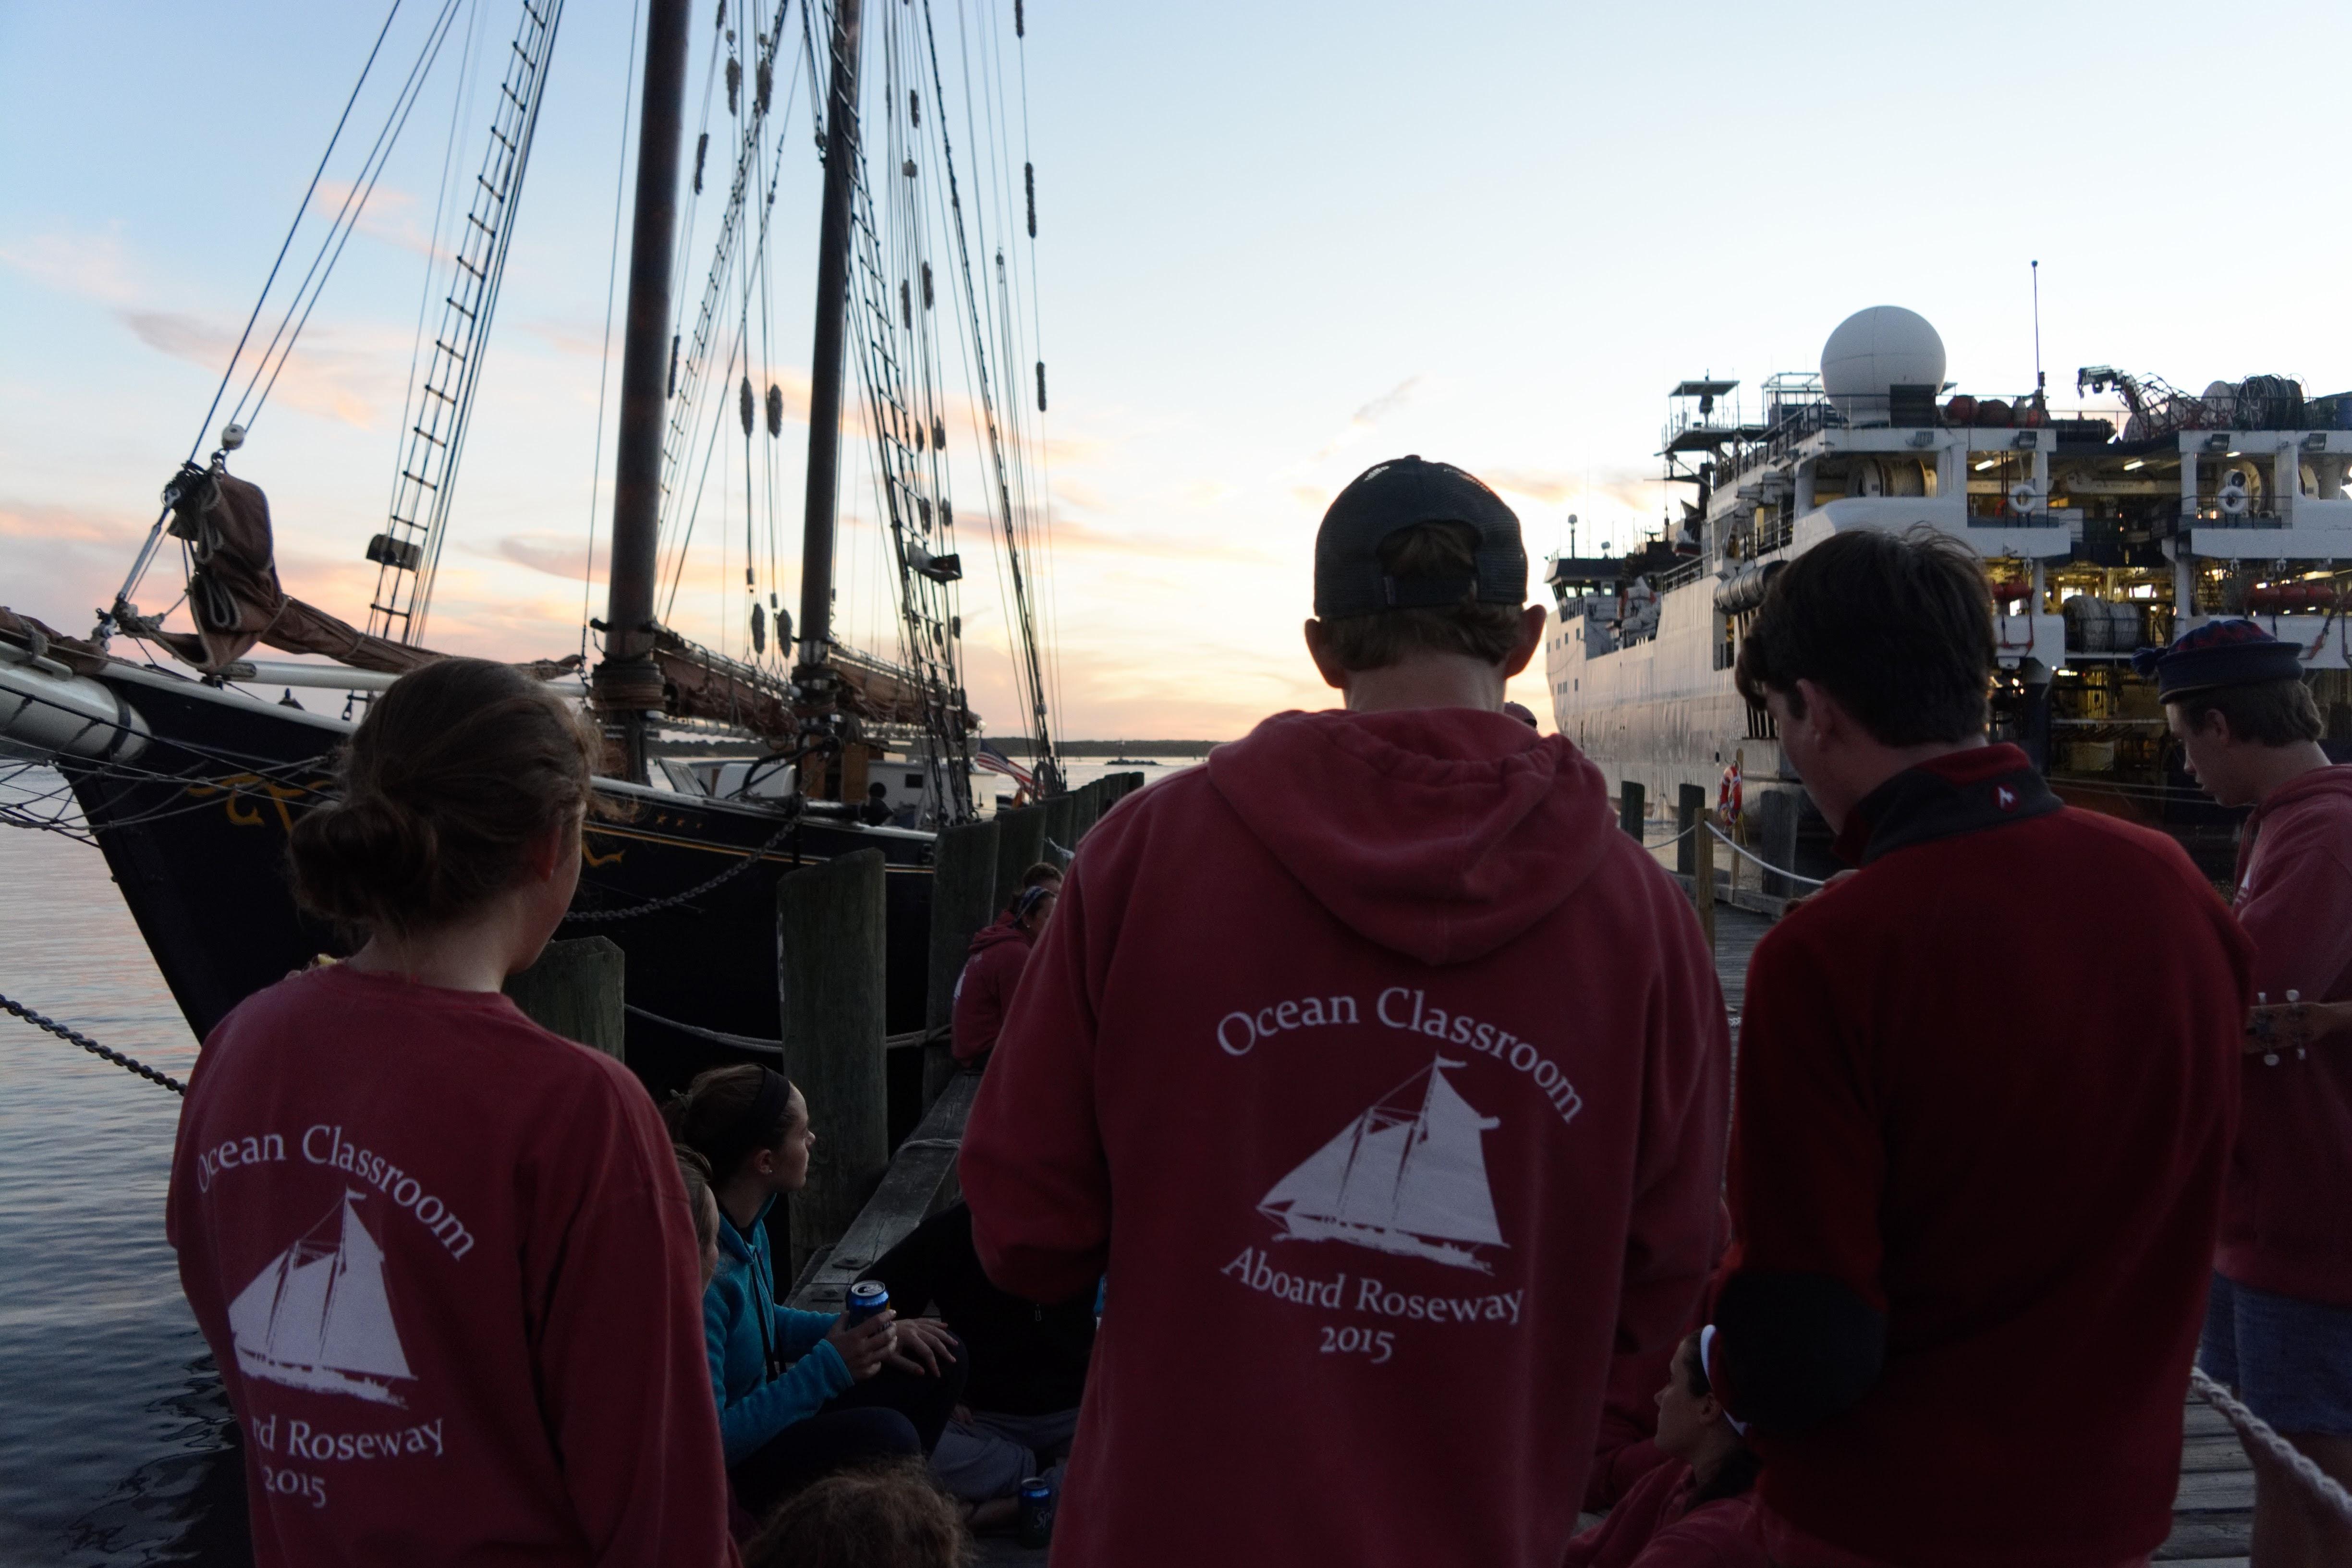 Proctor Academy Ocean Classroom